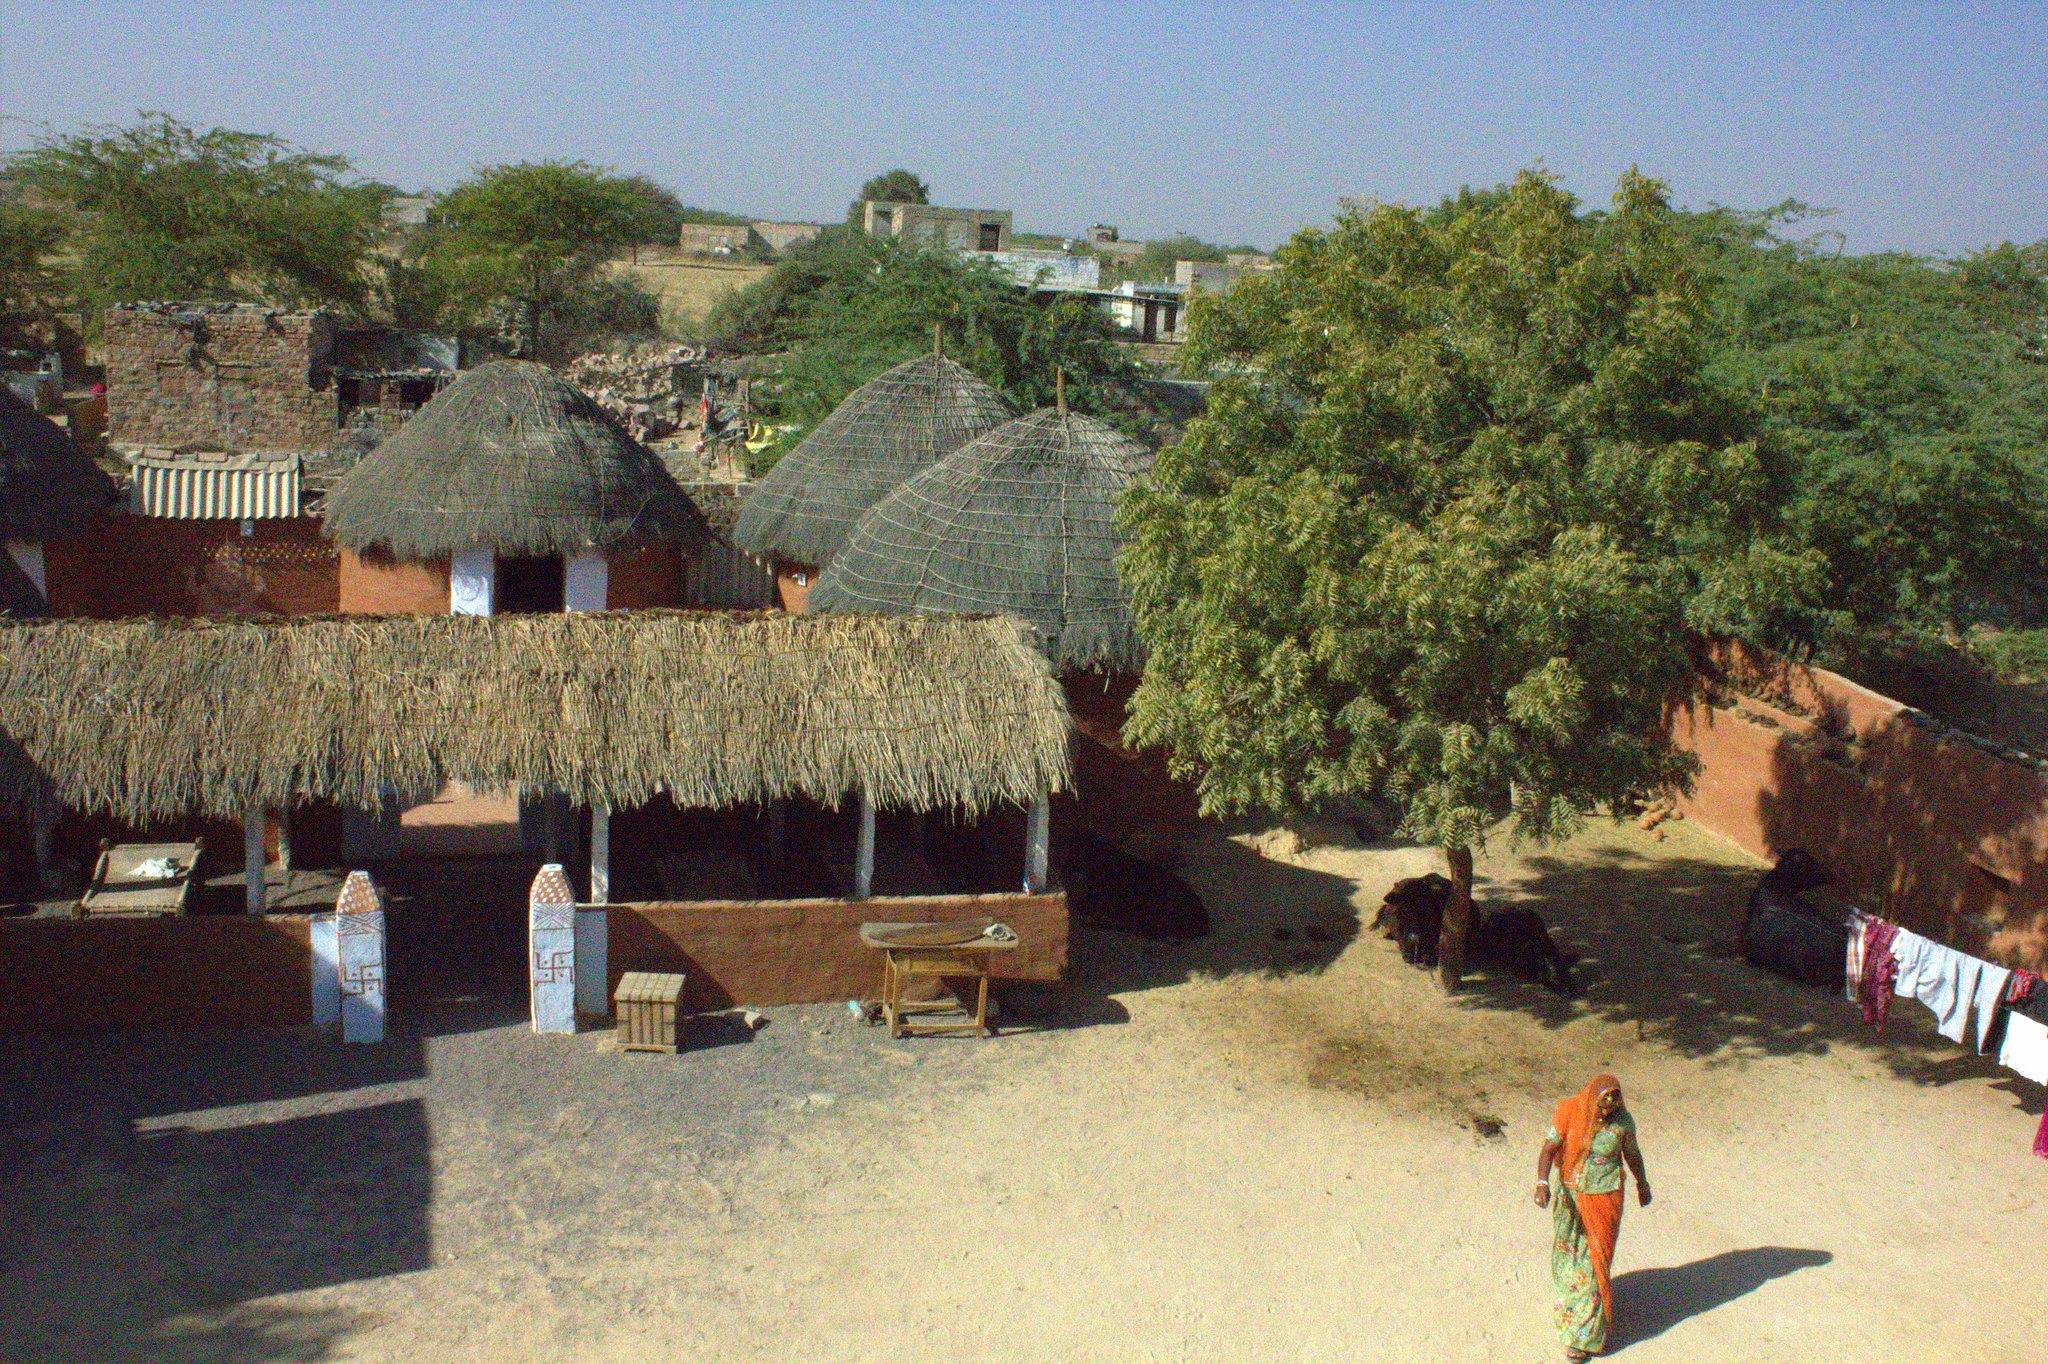 Salawas Homestay near Jodhpur